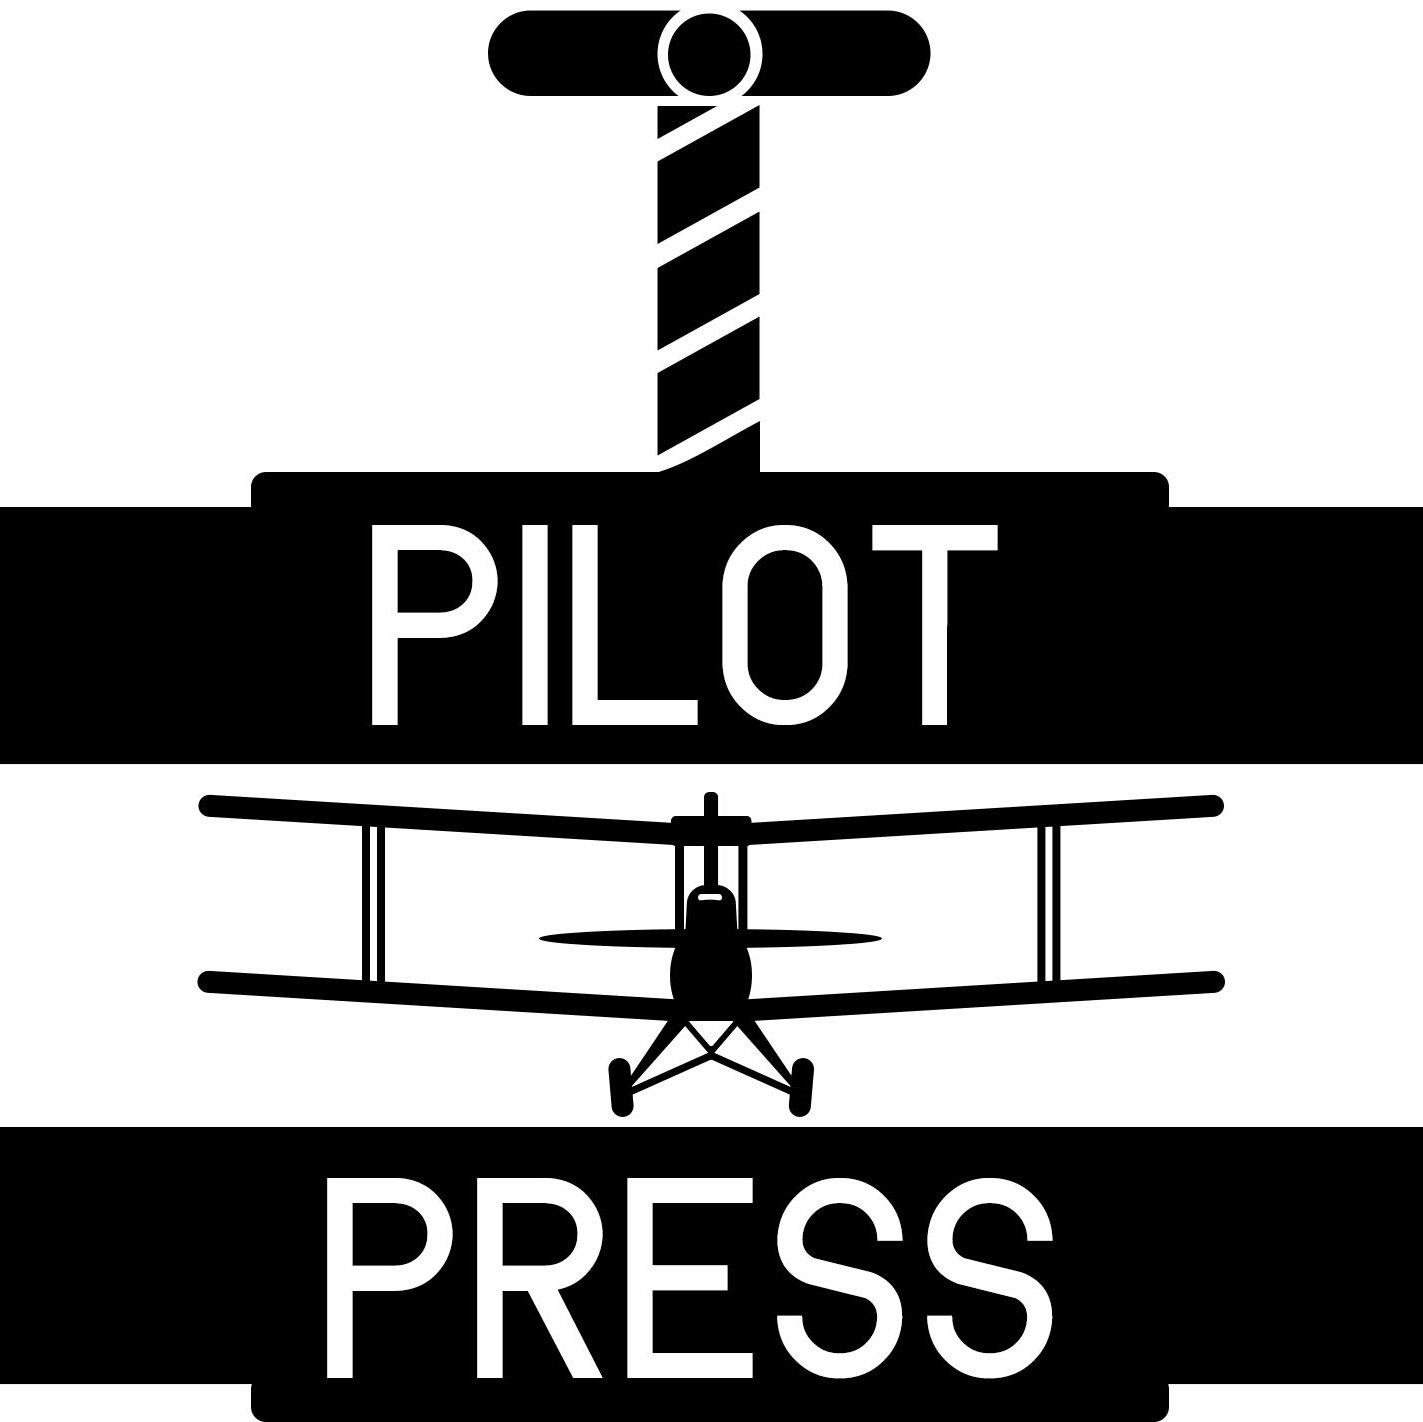 Pilot Press Logo